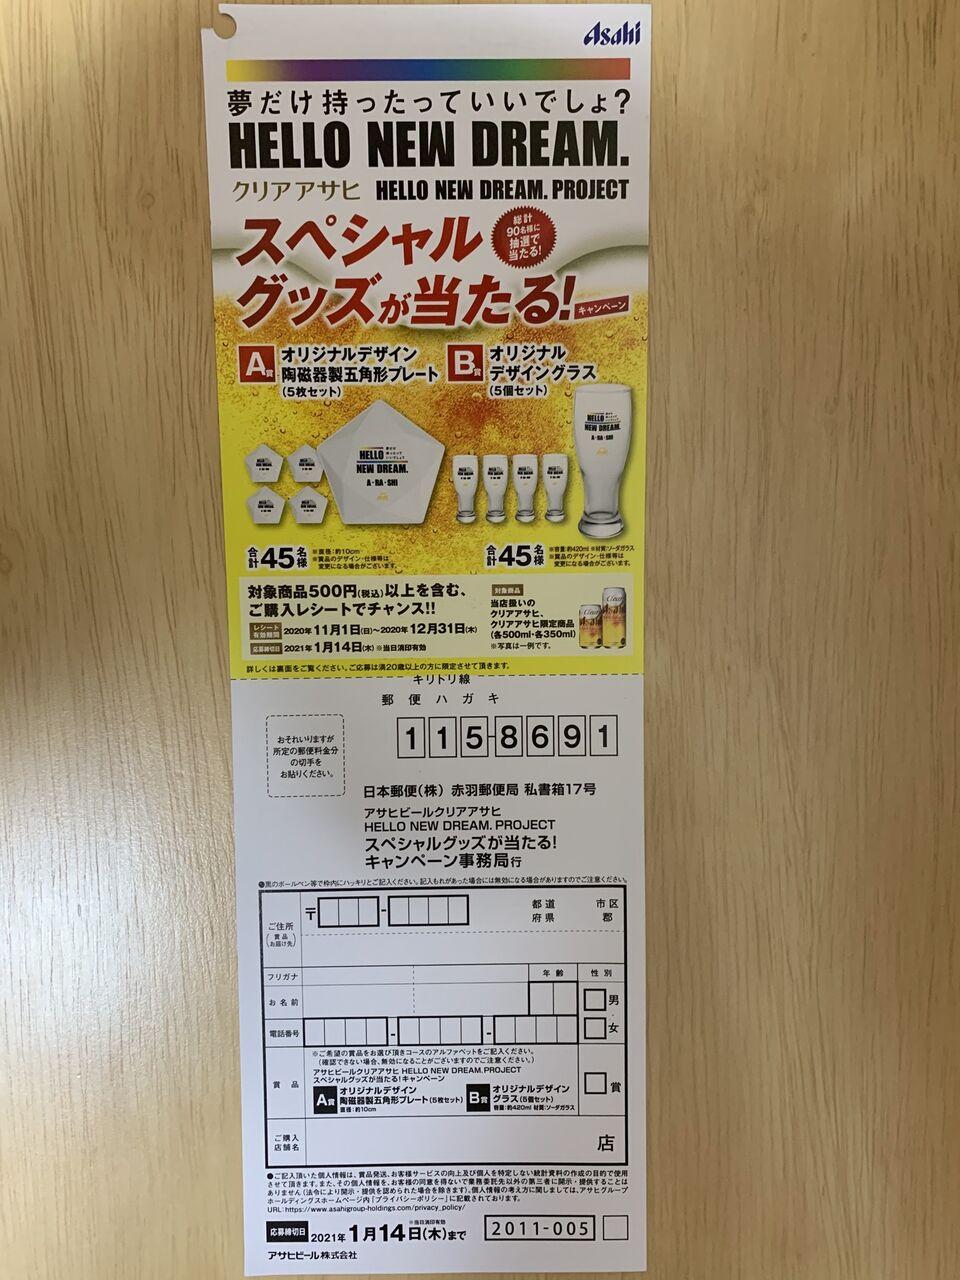 郵便 ハロー 日本 ニュー プロジェクト ドリーム